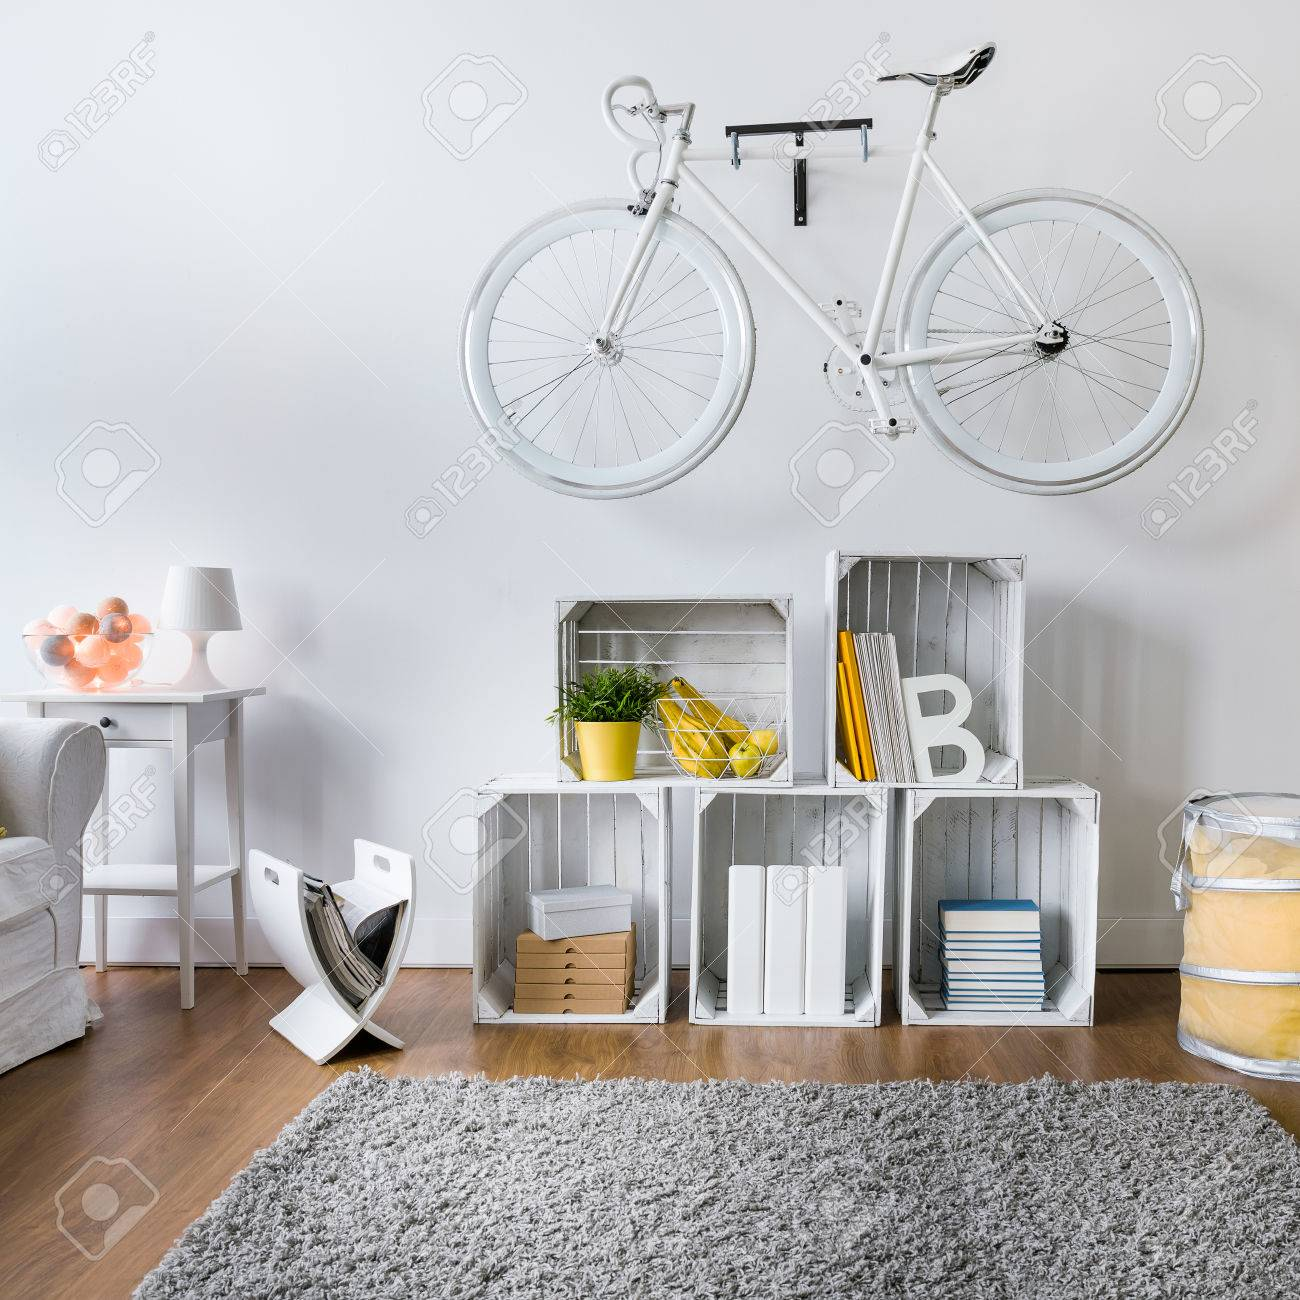 Moderne Wohnzimmer Mit Weissen Stilvollen Fahrrad An Der Wand Hangen